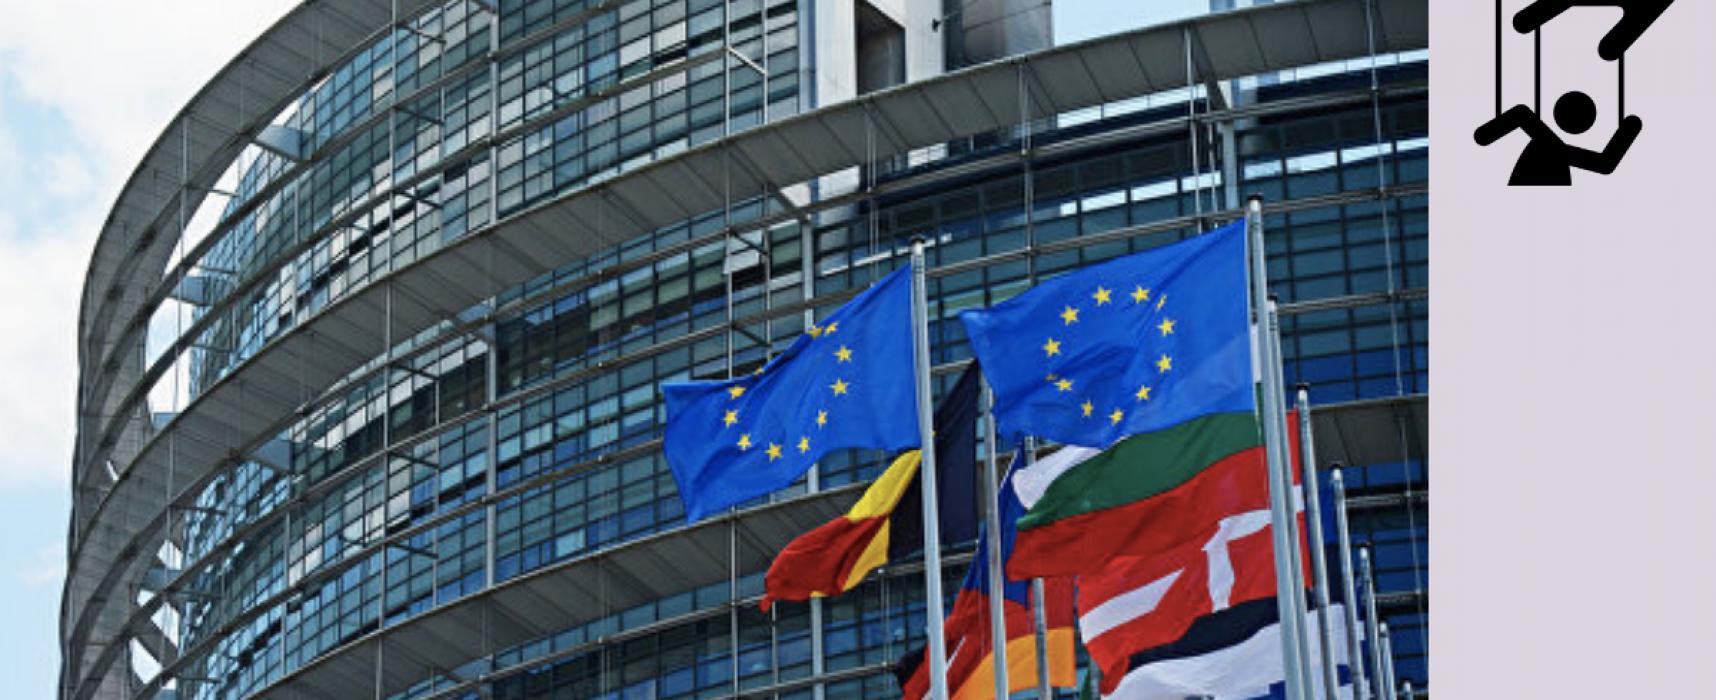 Manipulation: Un politologue ukrainien a déclaré que les élections du Parlement européen vont «déplaire» à l'Ukraine